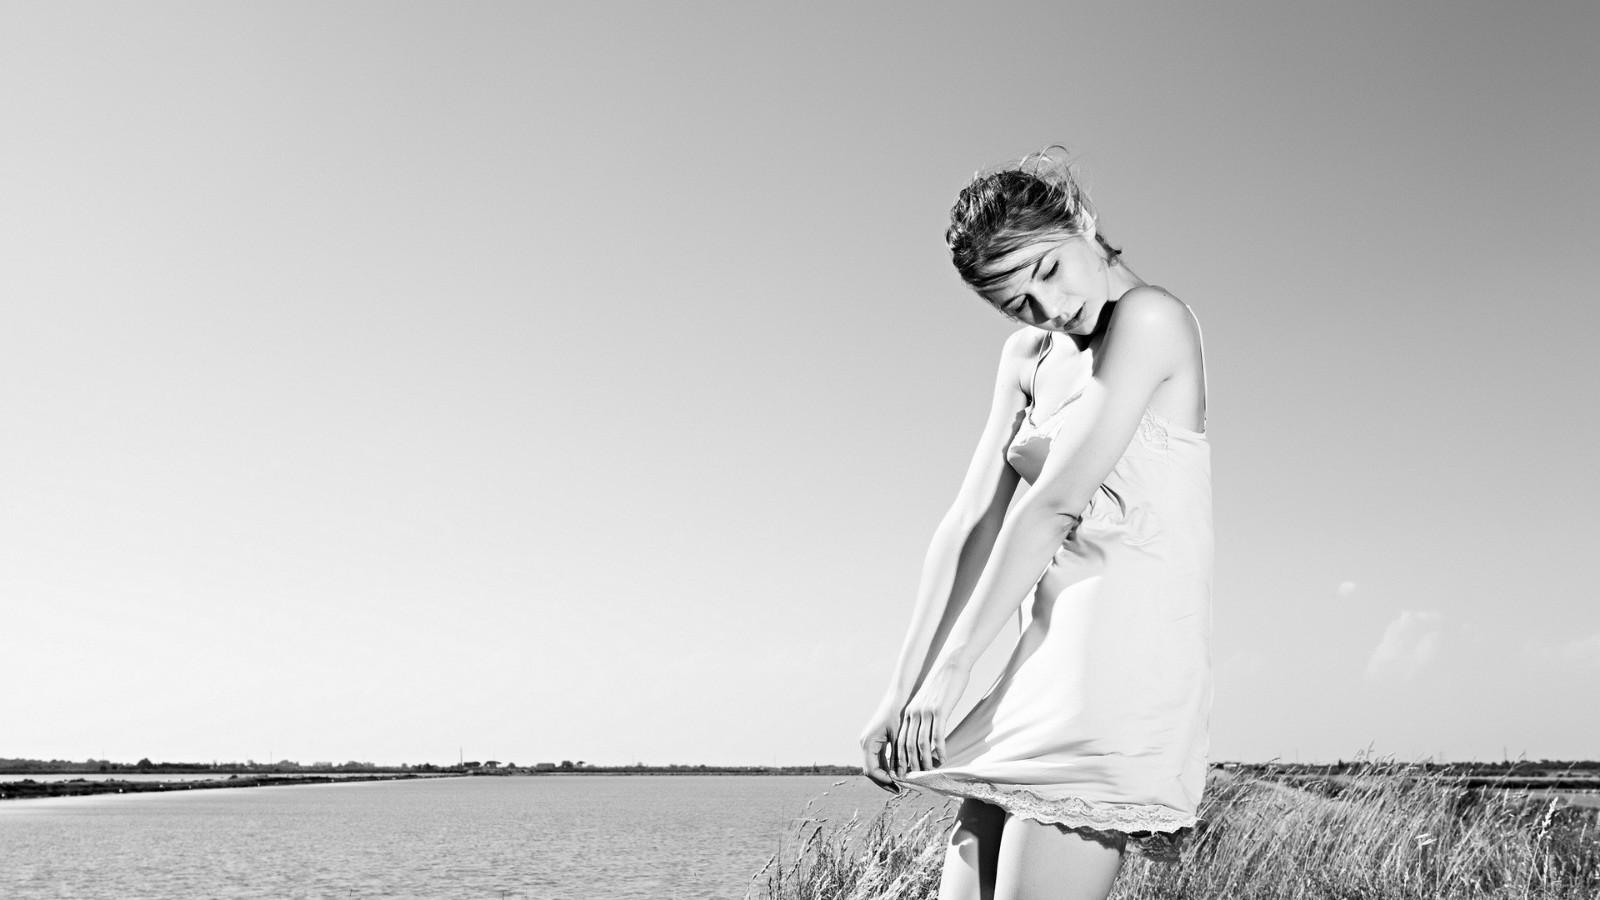 女孩,姿势,肖像,白色短裙子,黑白照片,美女壁纸